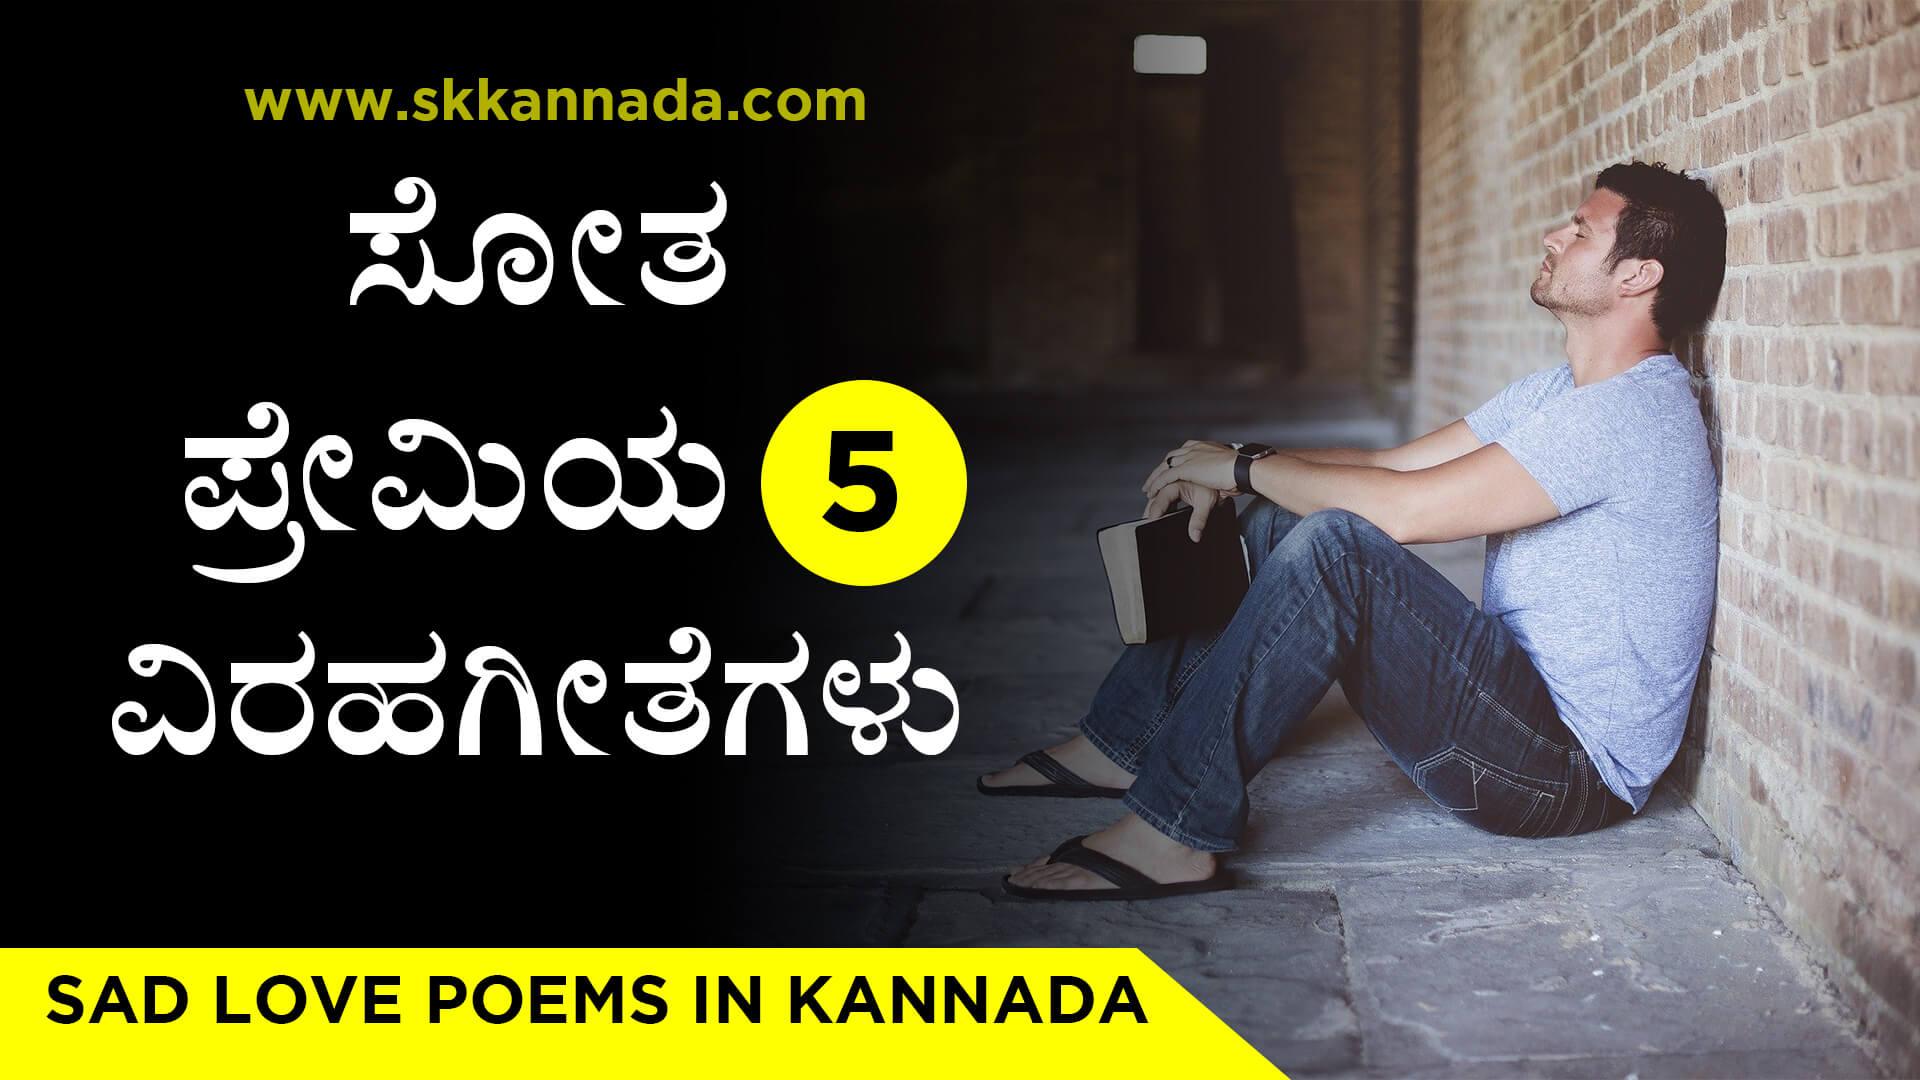 ಸೋತ ಪ್ರೇಮಿಯ 5 ವಿರಹಗೀತೆಗಳು - Sad love poems in kannada